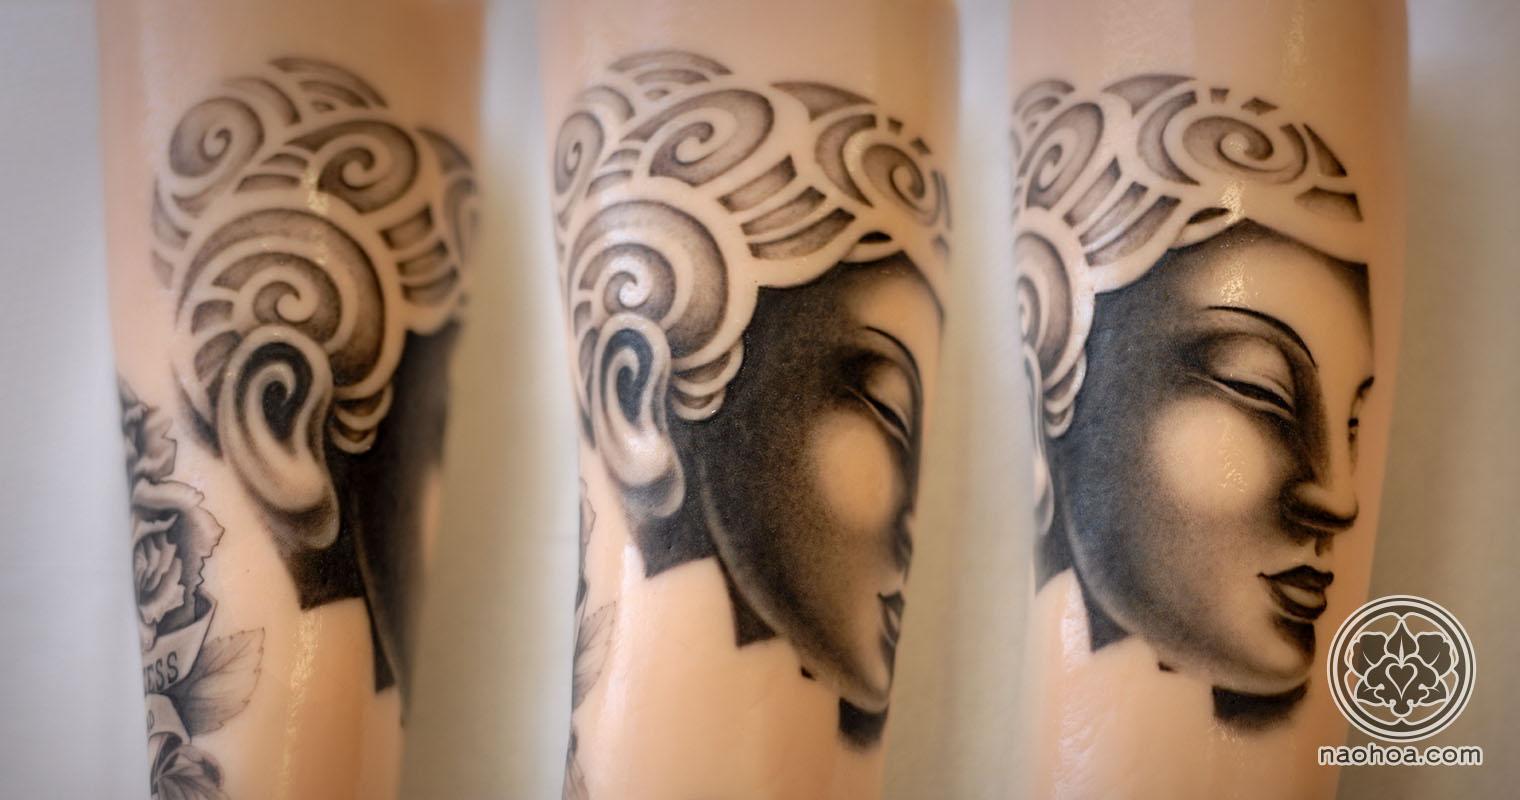 Buddha tattoo by Naomi Hoang at NAOHOA.